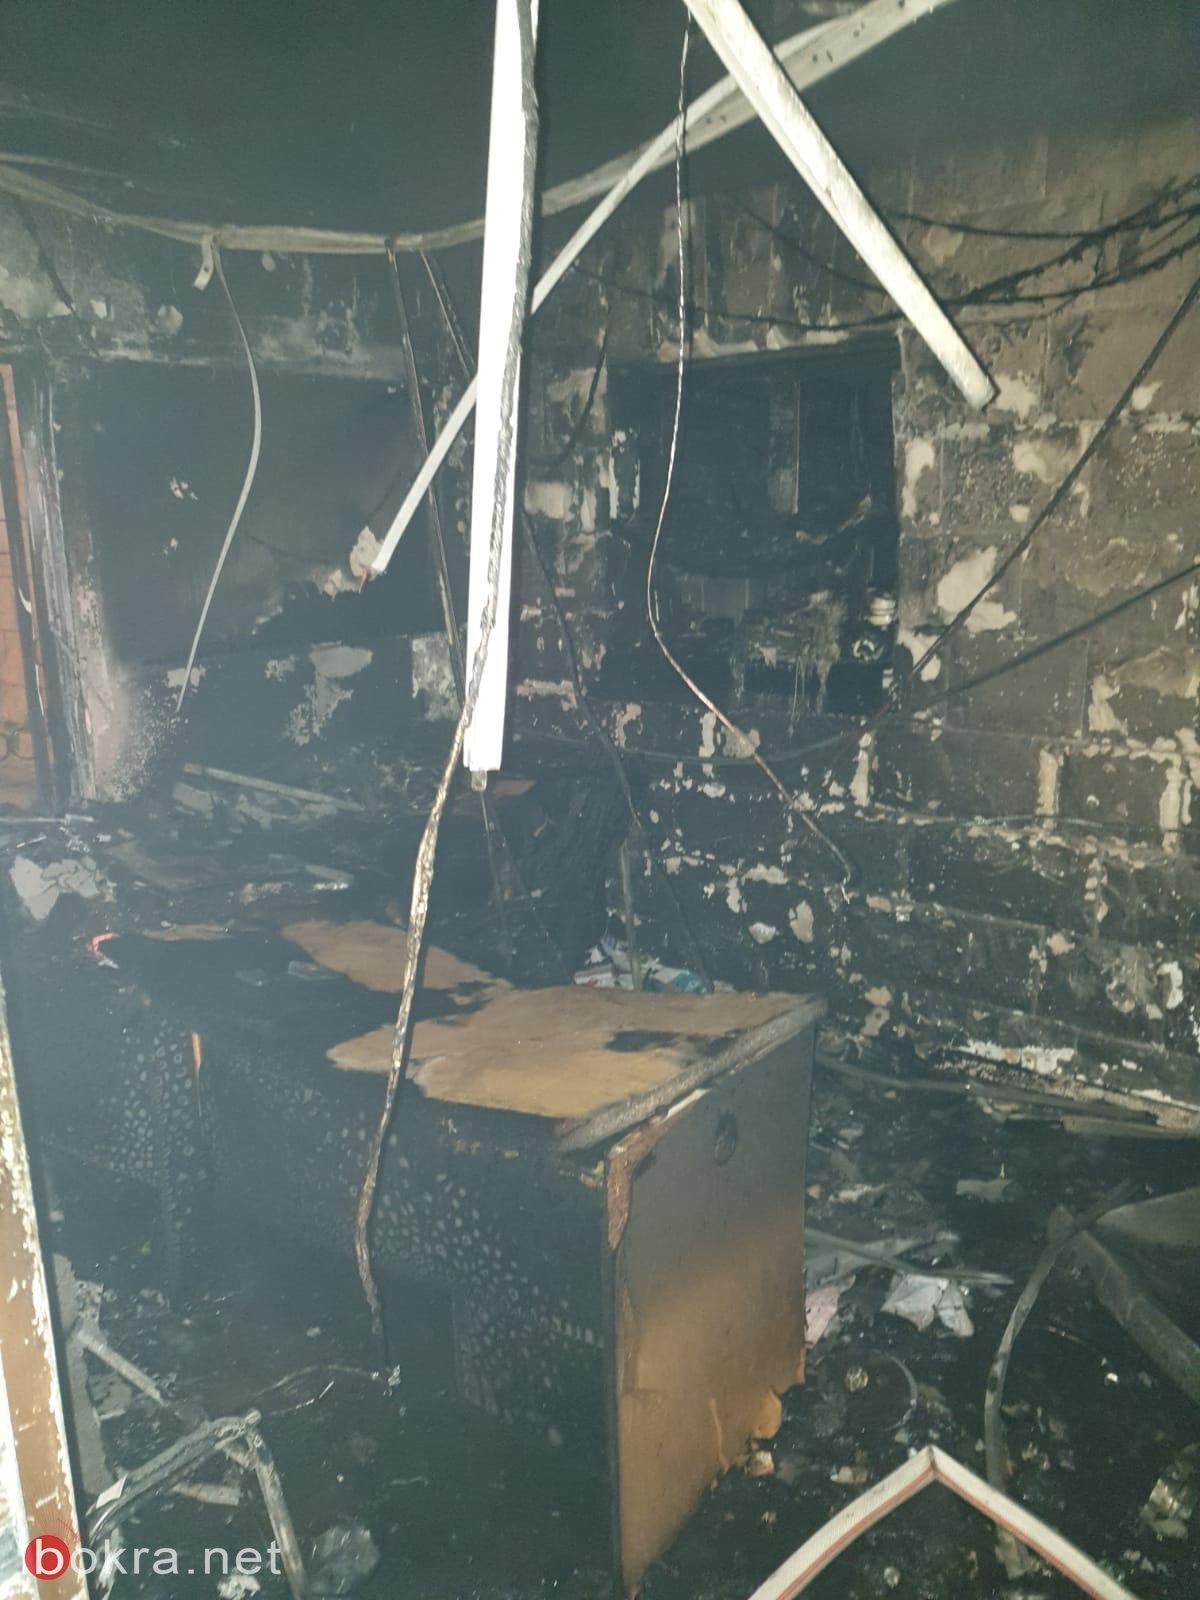 كفرياسيف: اندلاع حريق في مبنى المجلس المحلي -1